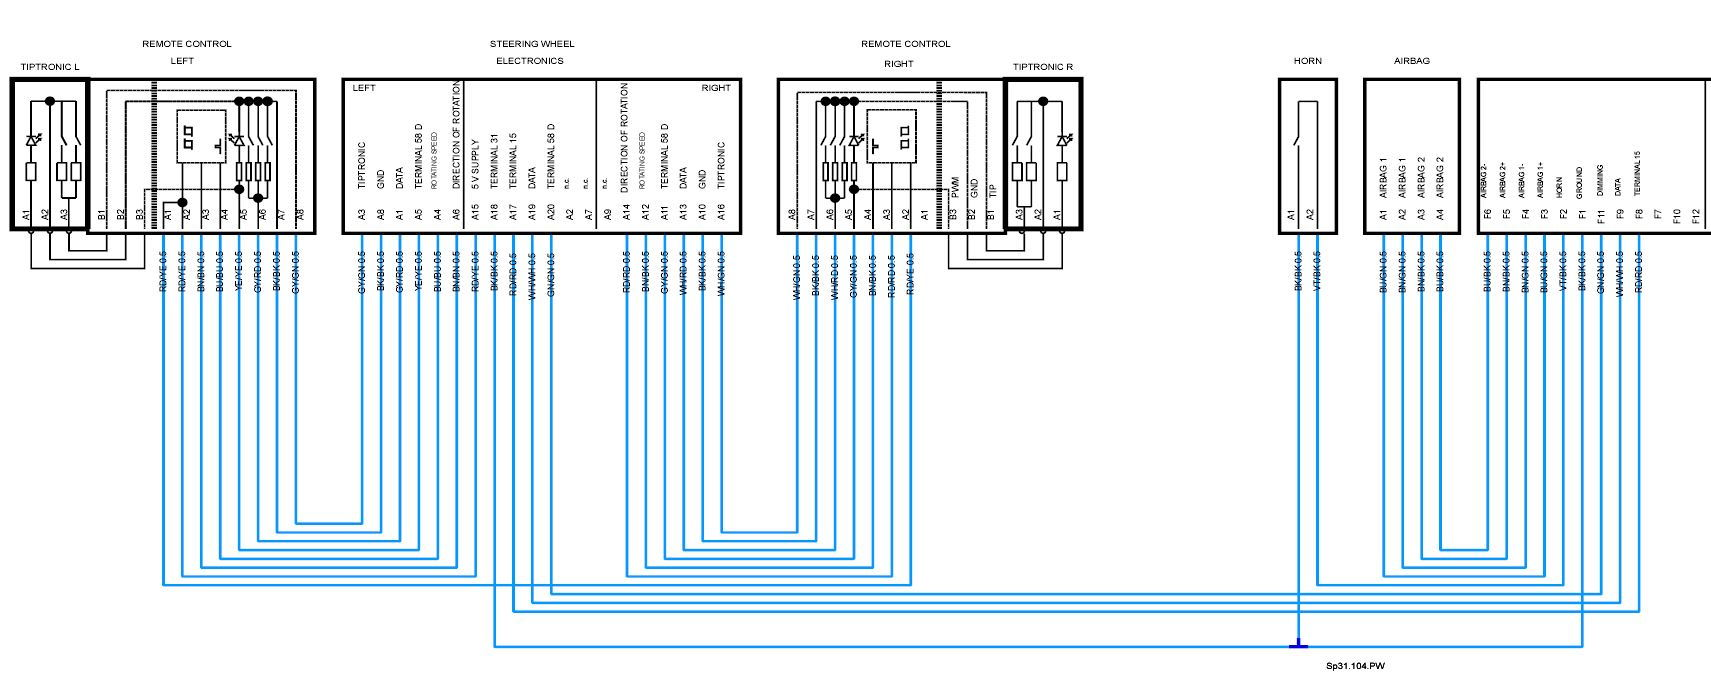 hight resolution of 2008 porsche 997 wiring diagram wiring diagram2008 porsche 997 wiring diagram 1 puiyoaxg reviewgames info